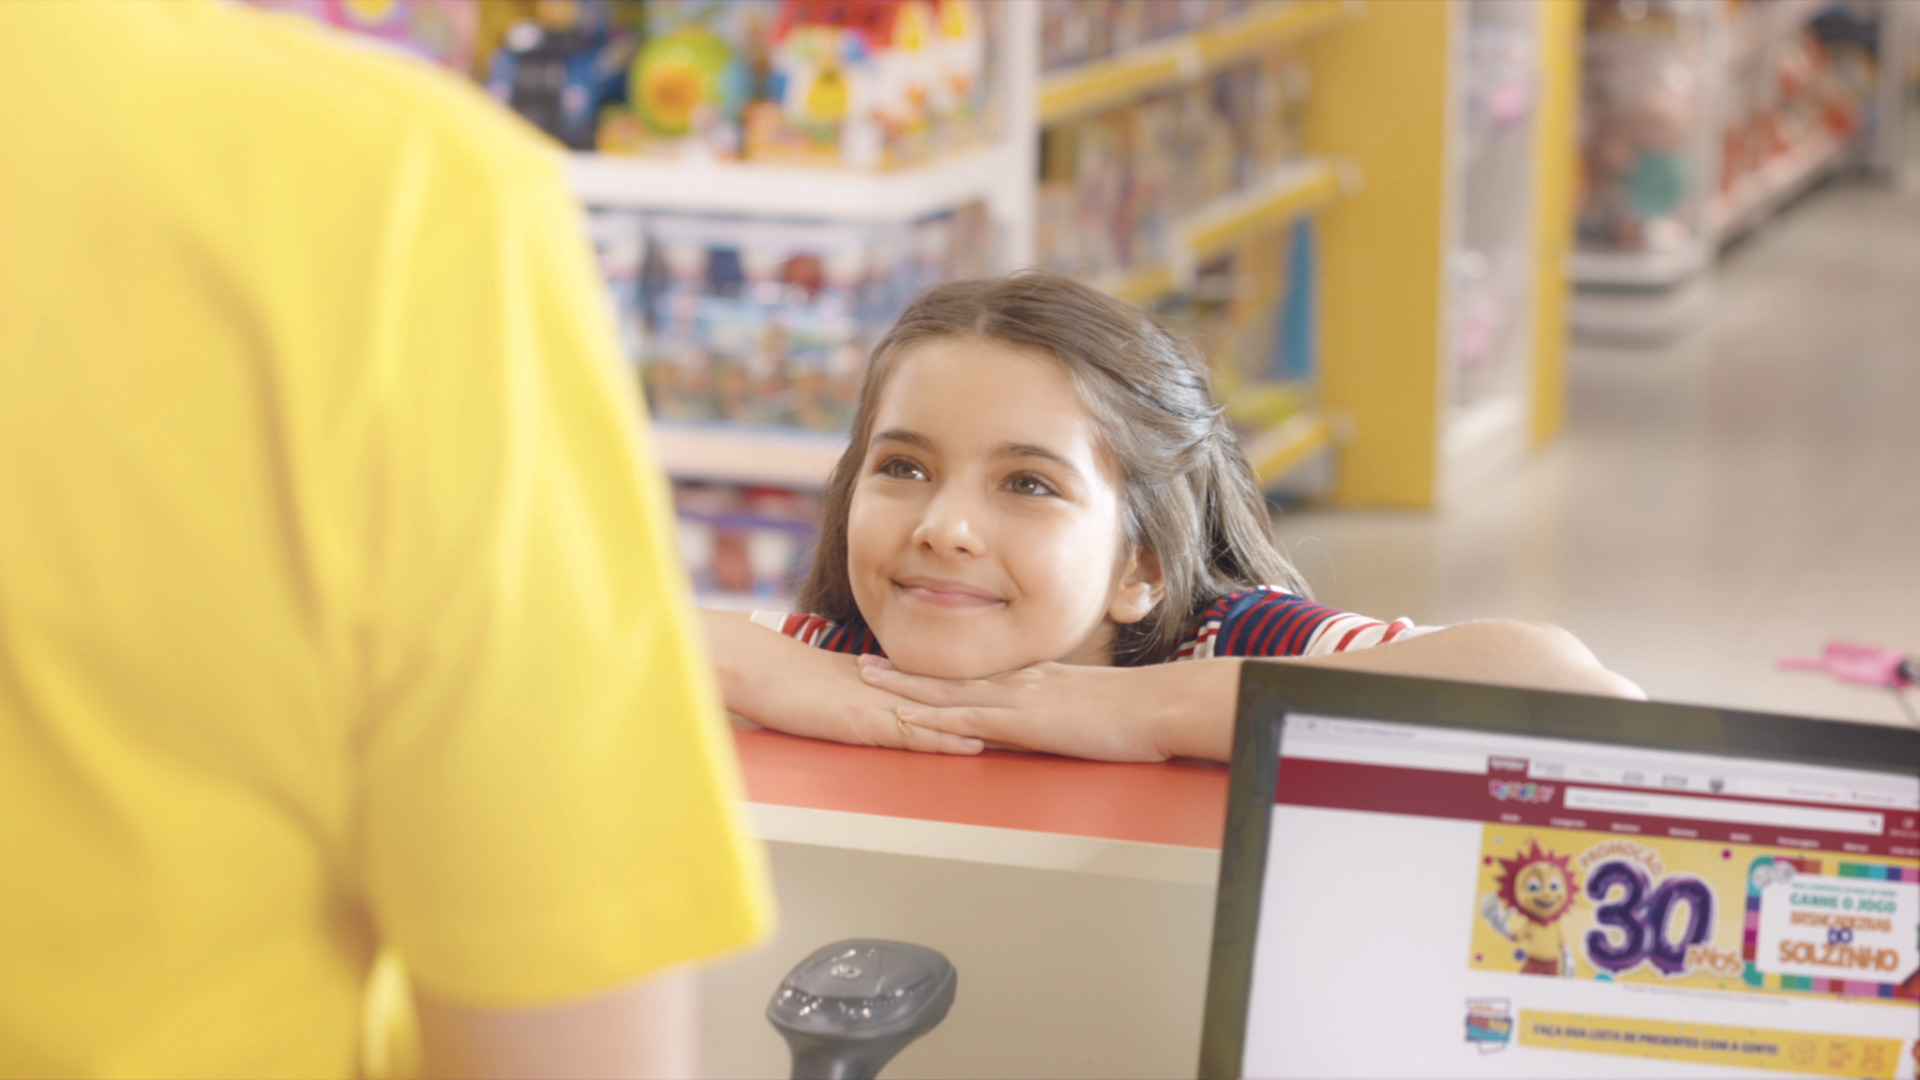 Uma menina apoia a cabeça sobre suas mãos sobre o balcão da loja de brinquedos Ri Happy. Ela olha para o atendente do caixa enquanto sorri.